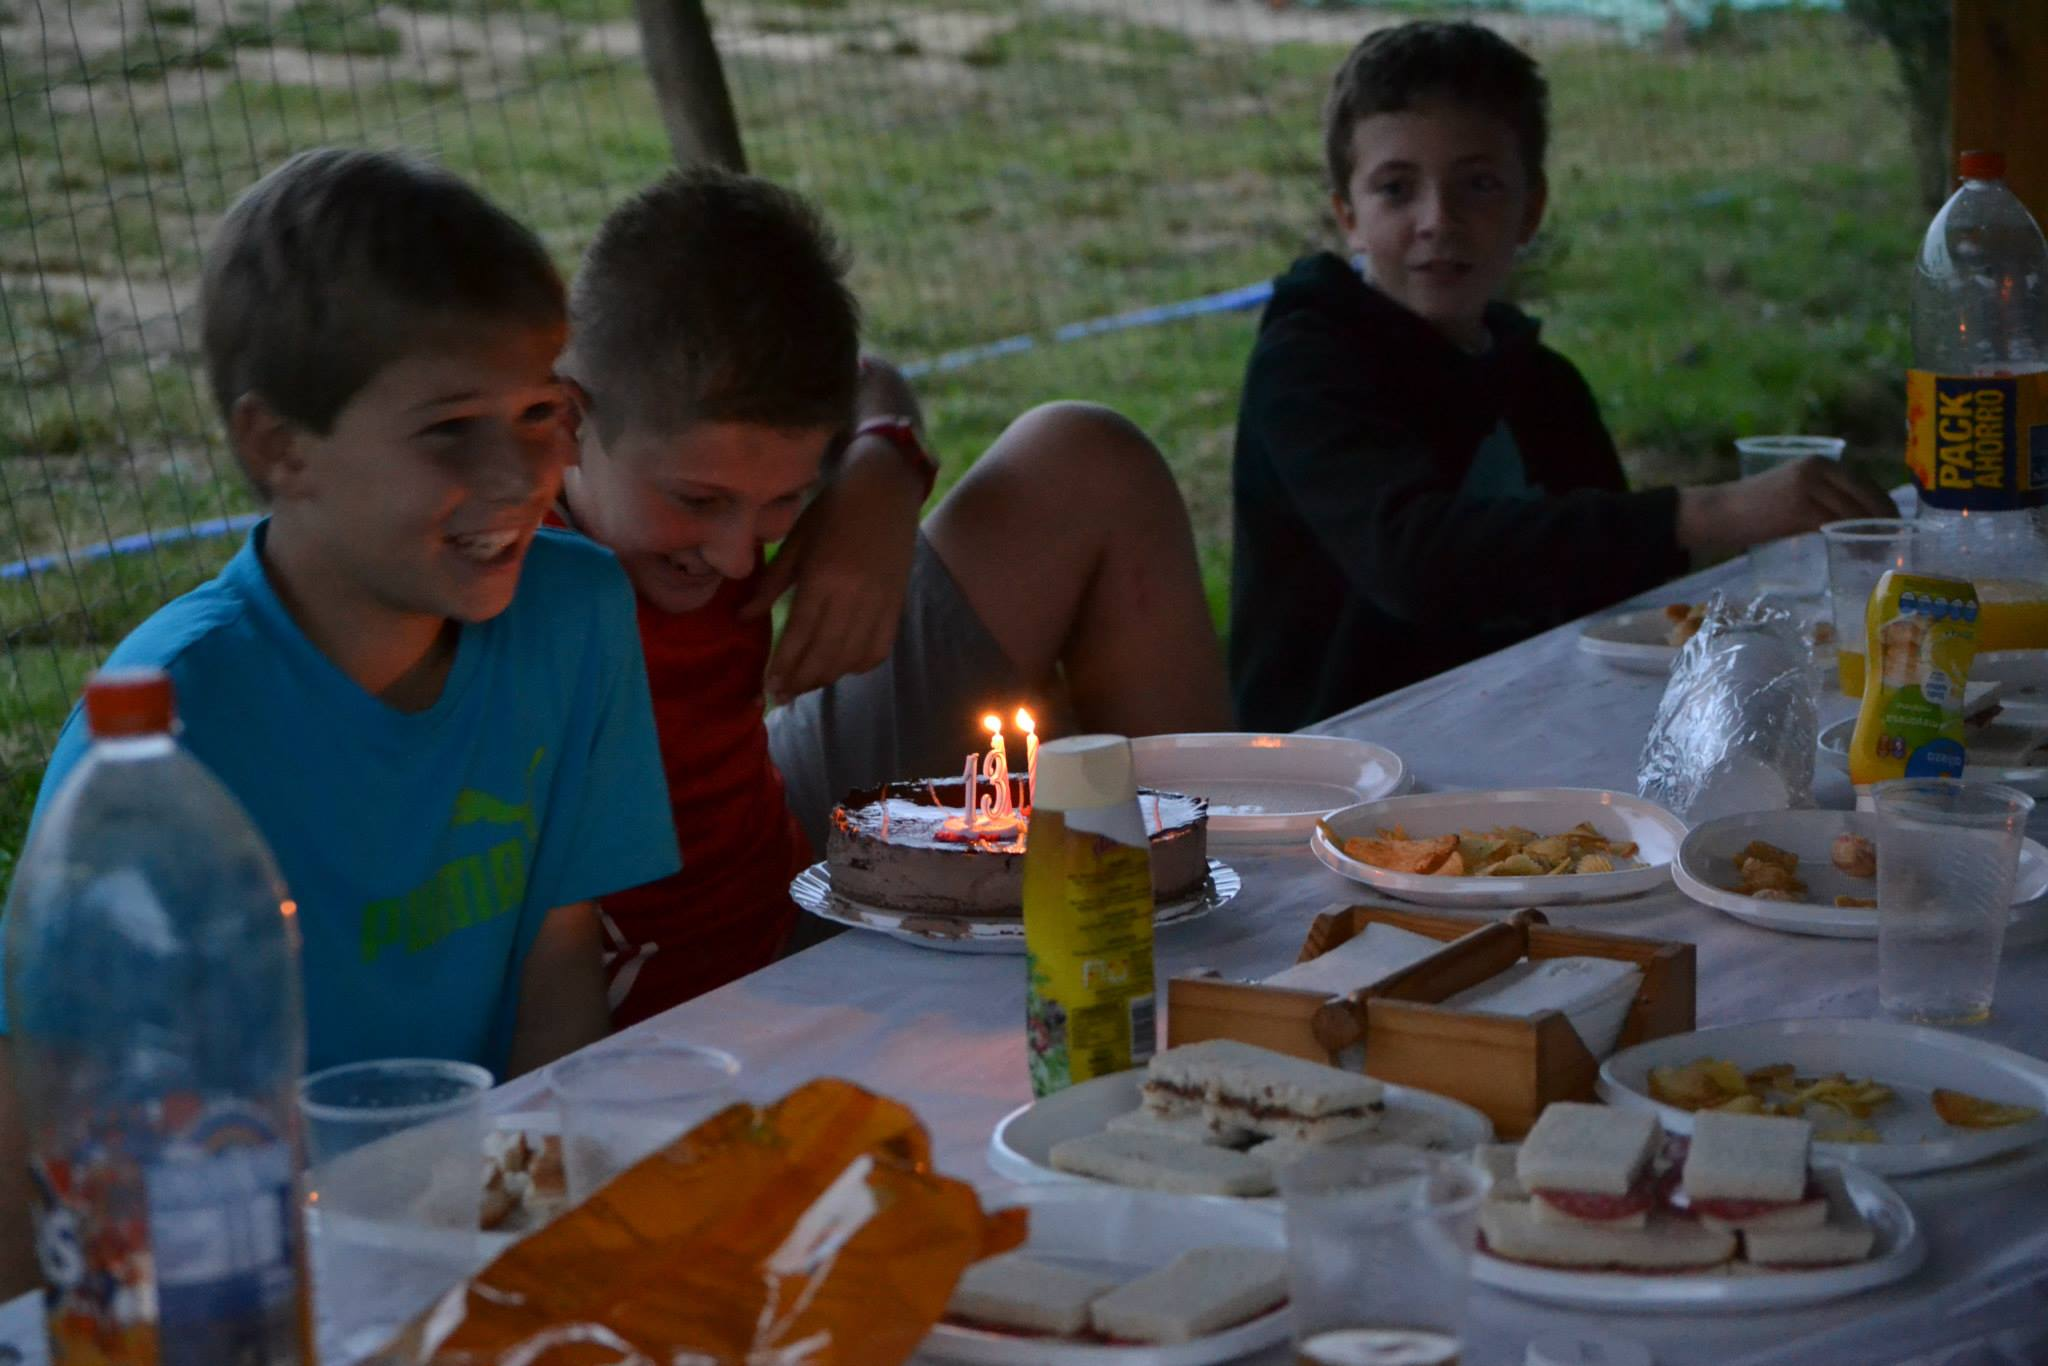 Cumpleaños_Cantabria_2_Parque_multiaventura_ocio_juegos_cabuerniaventura